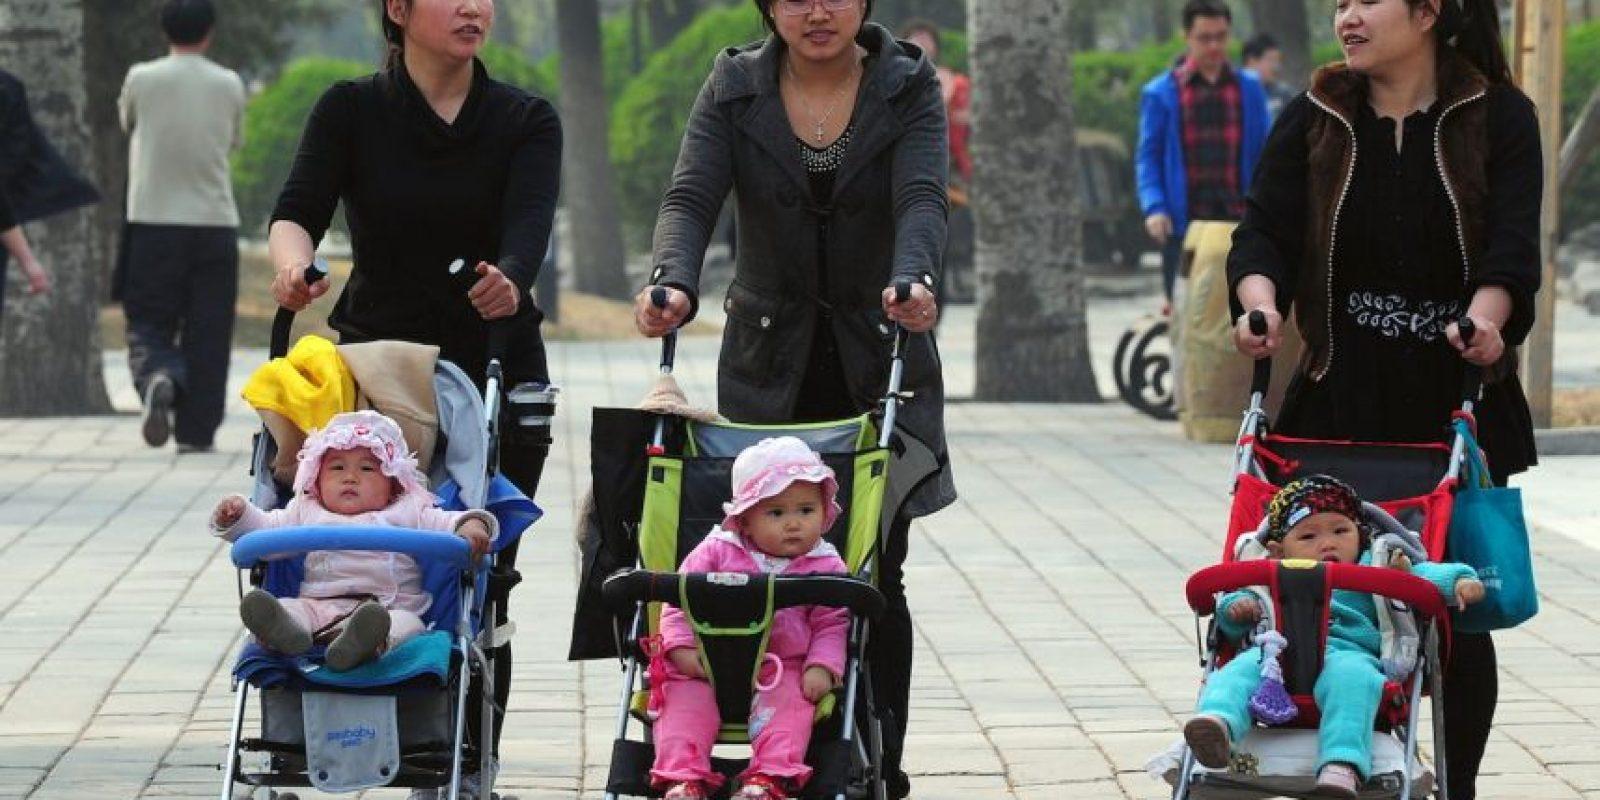 Desde 2013 ya habían flexibilizado la política y les habían permitido a las parejas en las que alguno era hijo único tener dos hijos. Foto:AFP